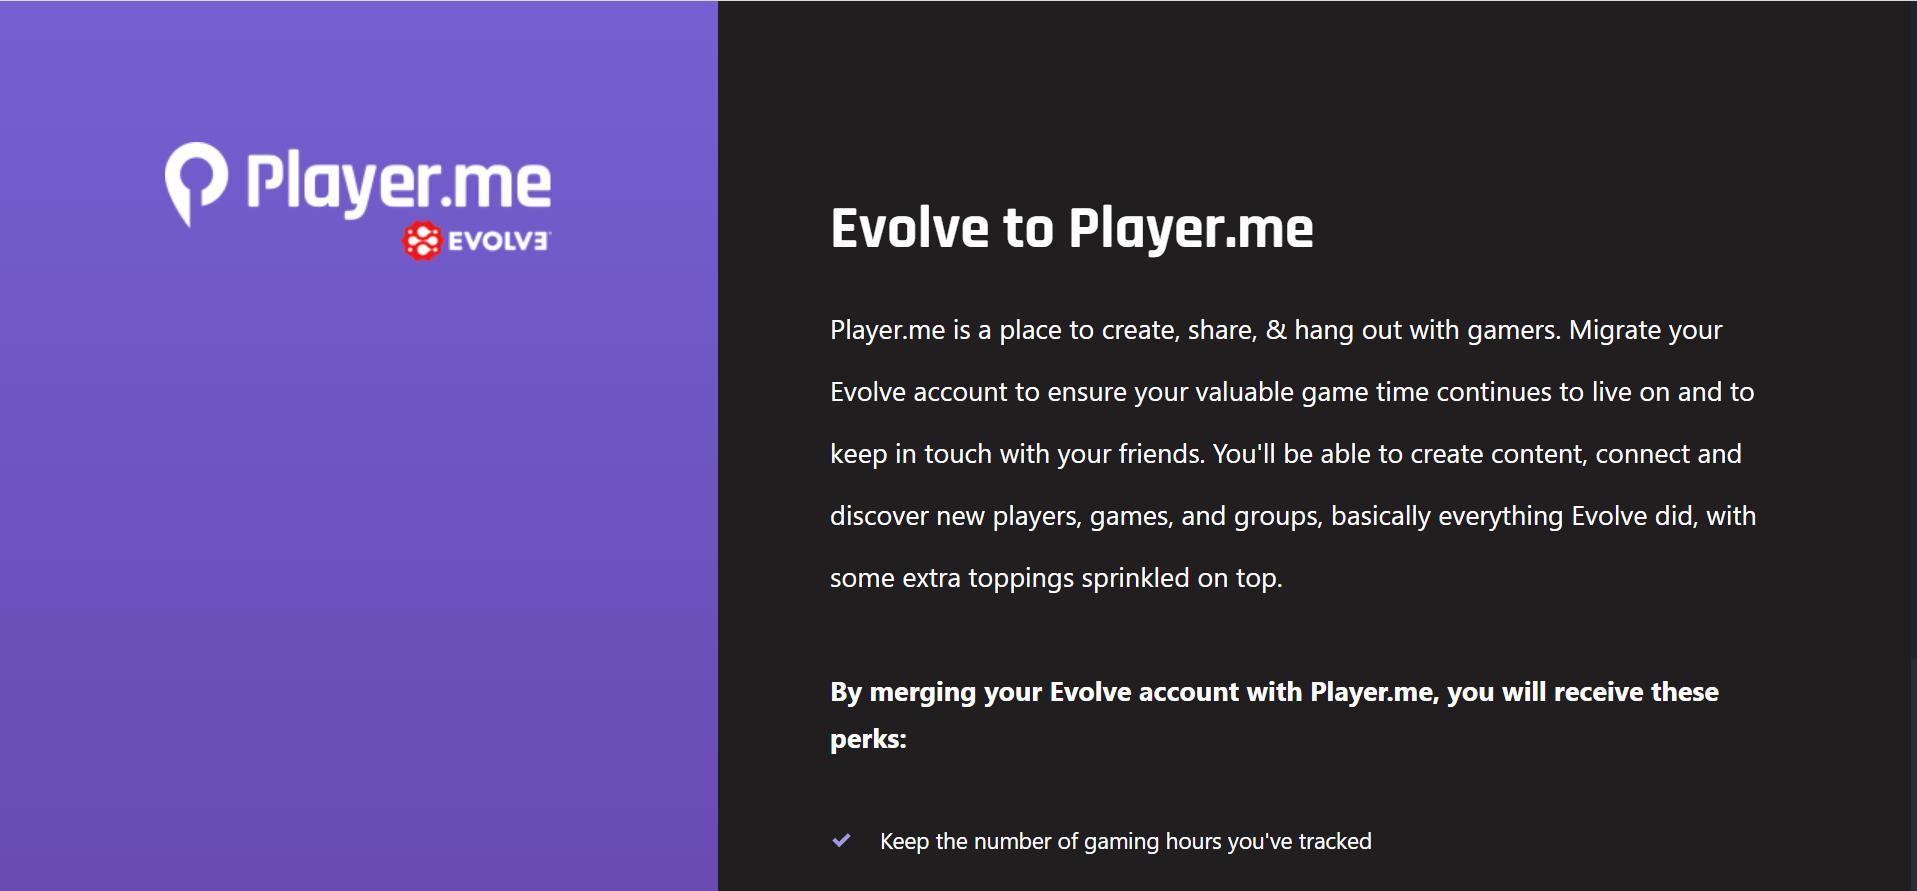 evolve player.me - Top 10 Hamachi Alternatives for Virtual Gaming (LAN)